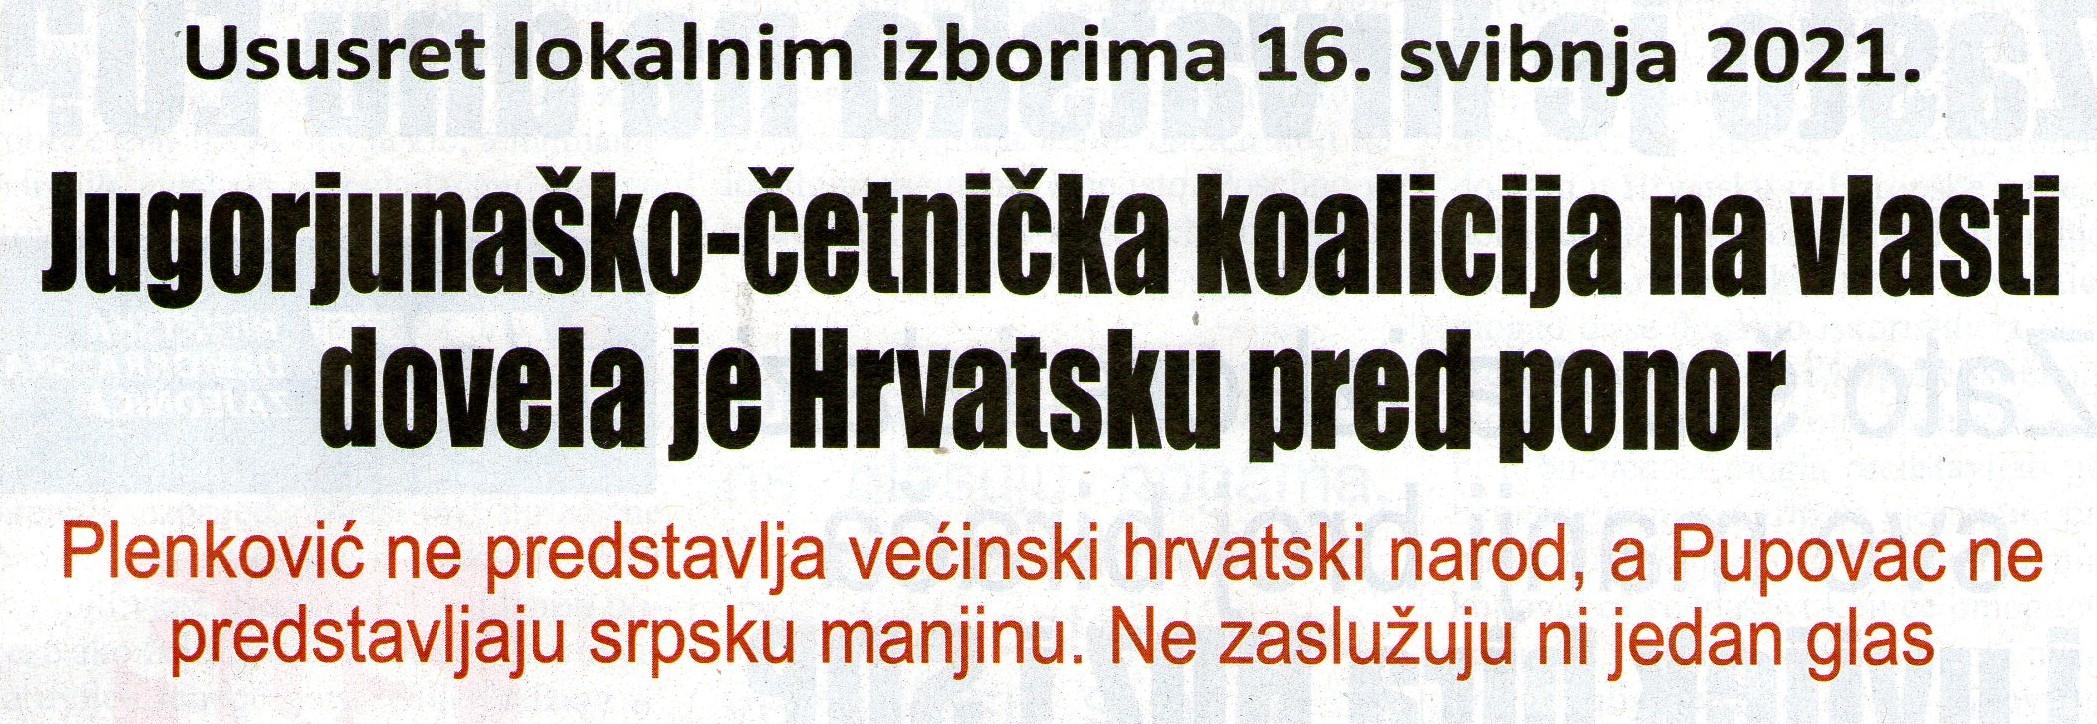 IZBORI-1